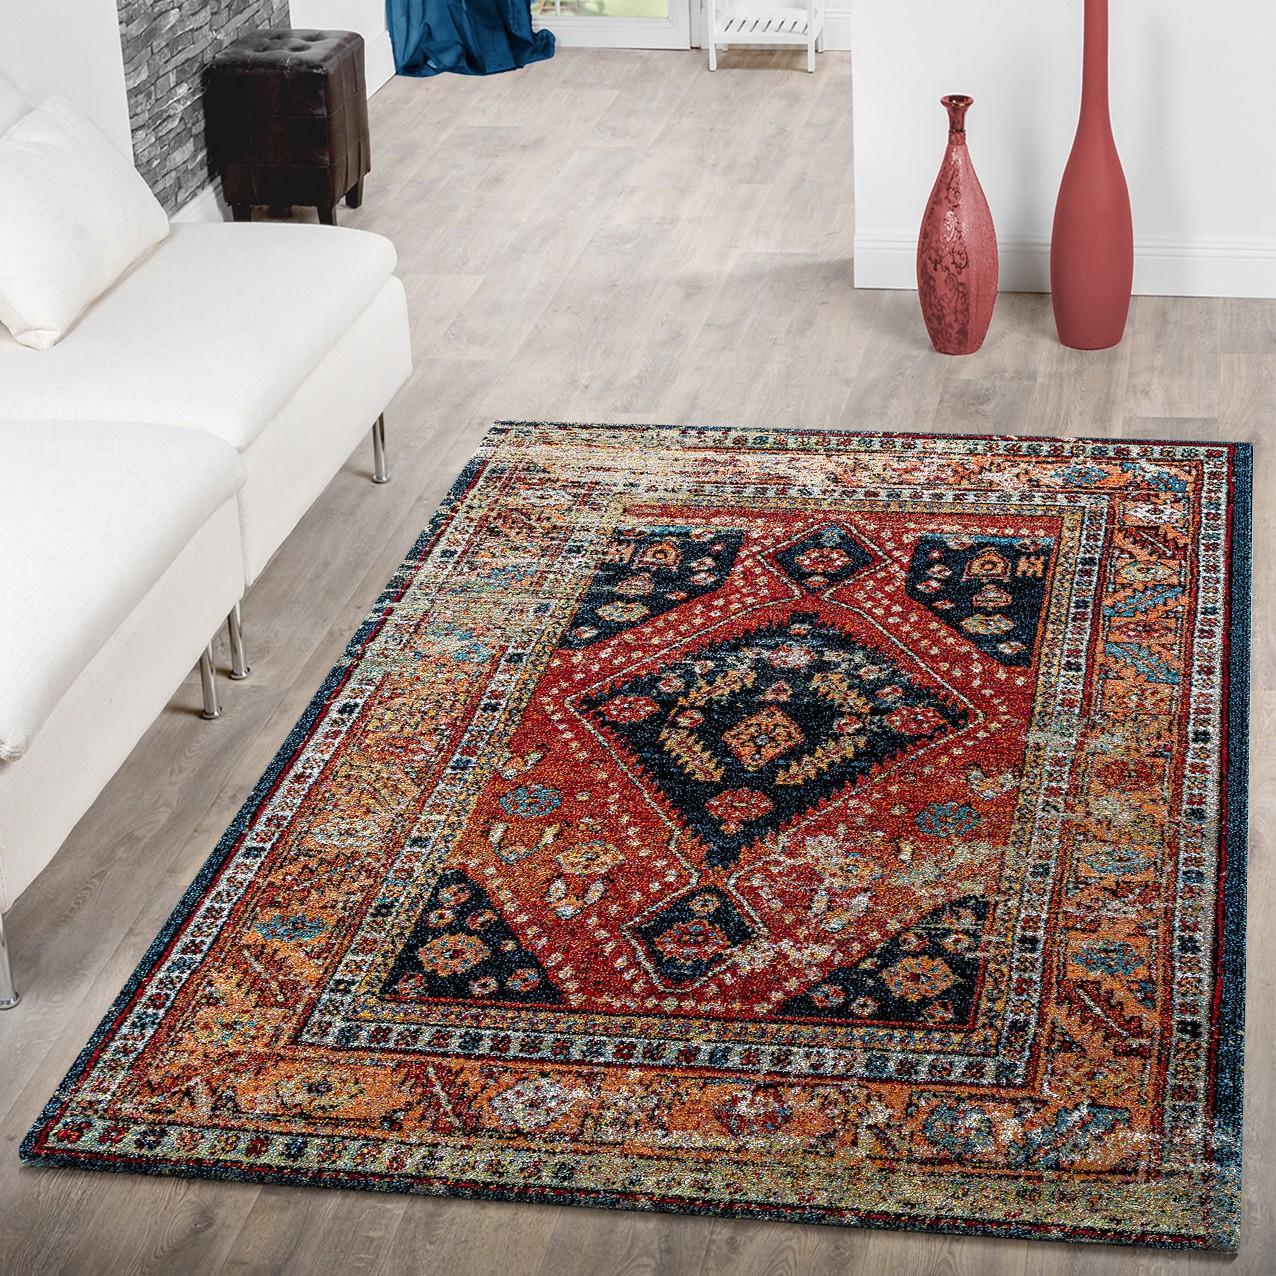 teppich modern wohnzimmer teppich orientalische muster schwarz rot mehrfarbig moderne teppiche. Black Bedroom Furniture Sets. Home Design Ideas